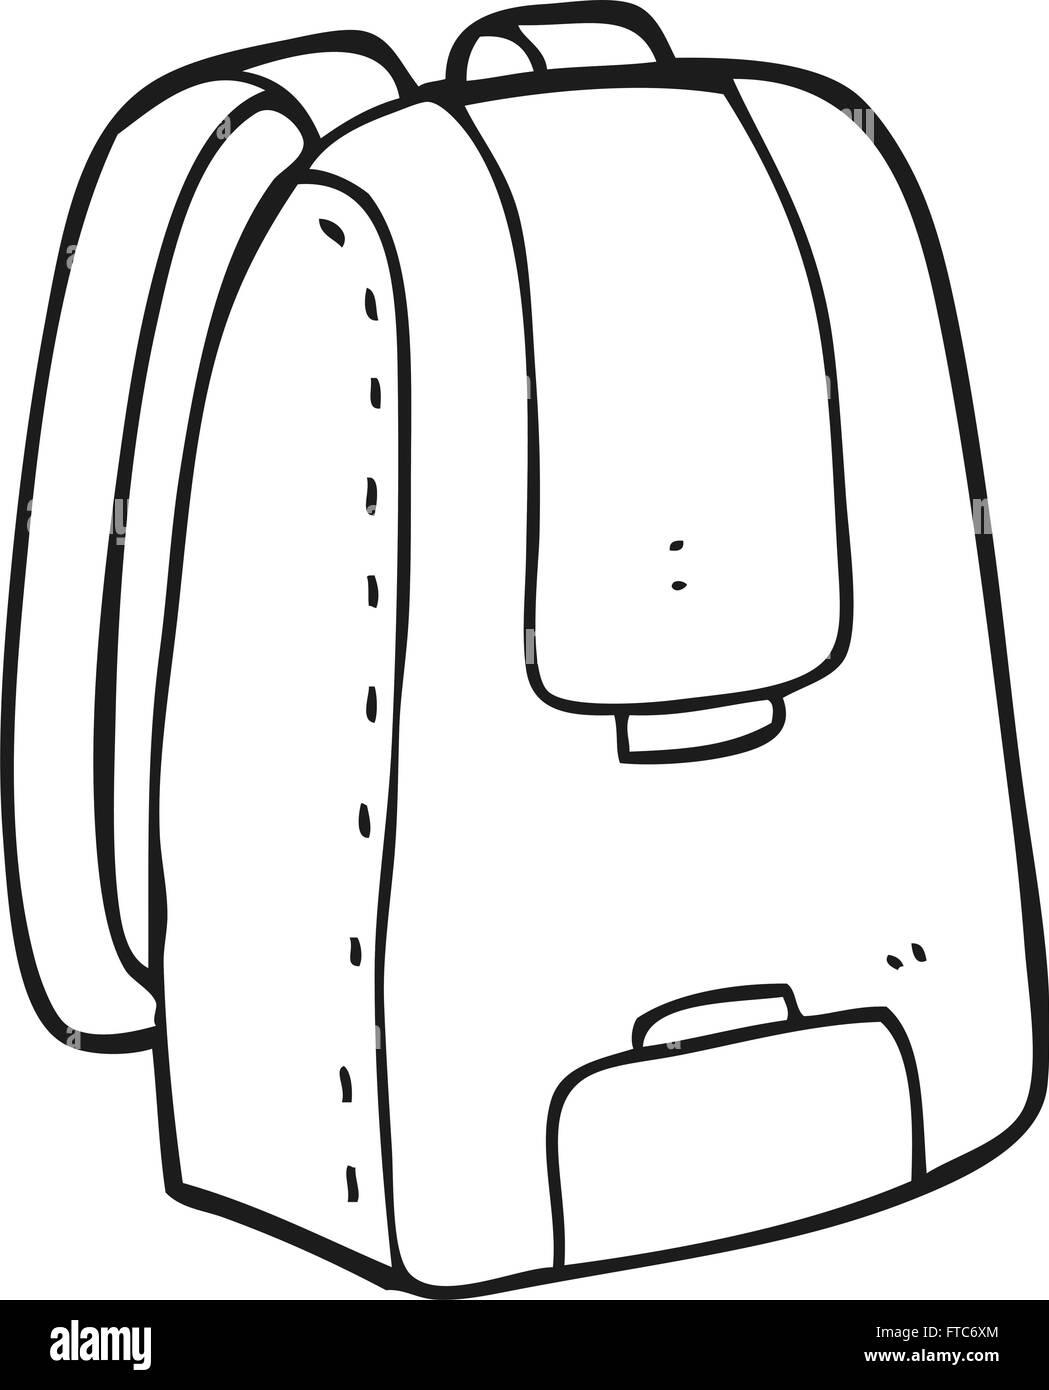 freihändig gezeichnet schwarz weiß Cartoon Tasche Vektor